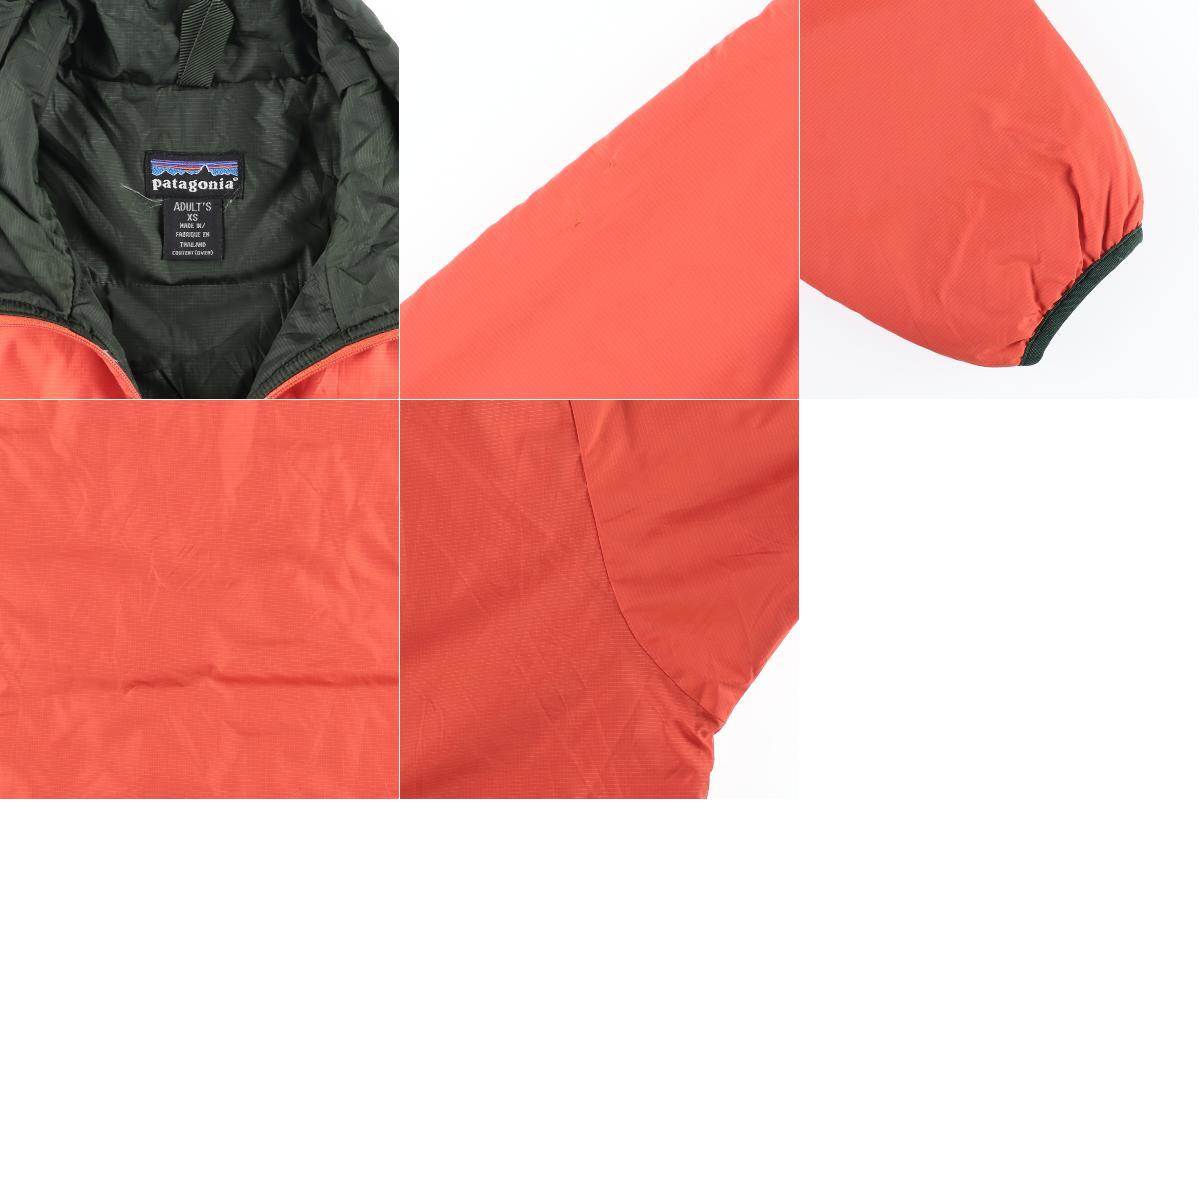 希少サイズ 00年製 パタゴニア Patagonia パフボールプルオーバージャケット 84004 FA00 ハーフジップ 中綿w8n0kOP